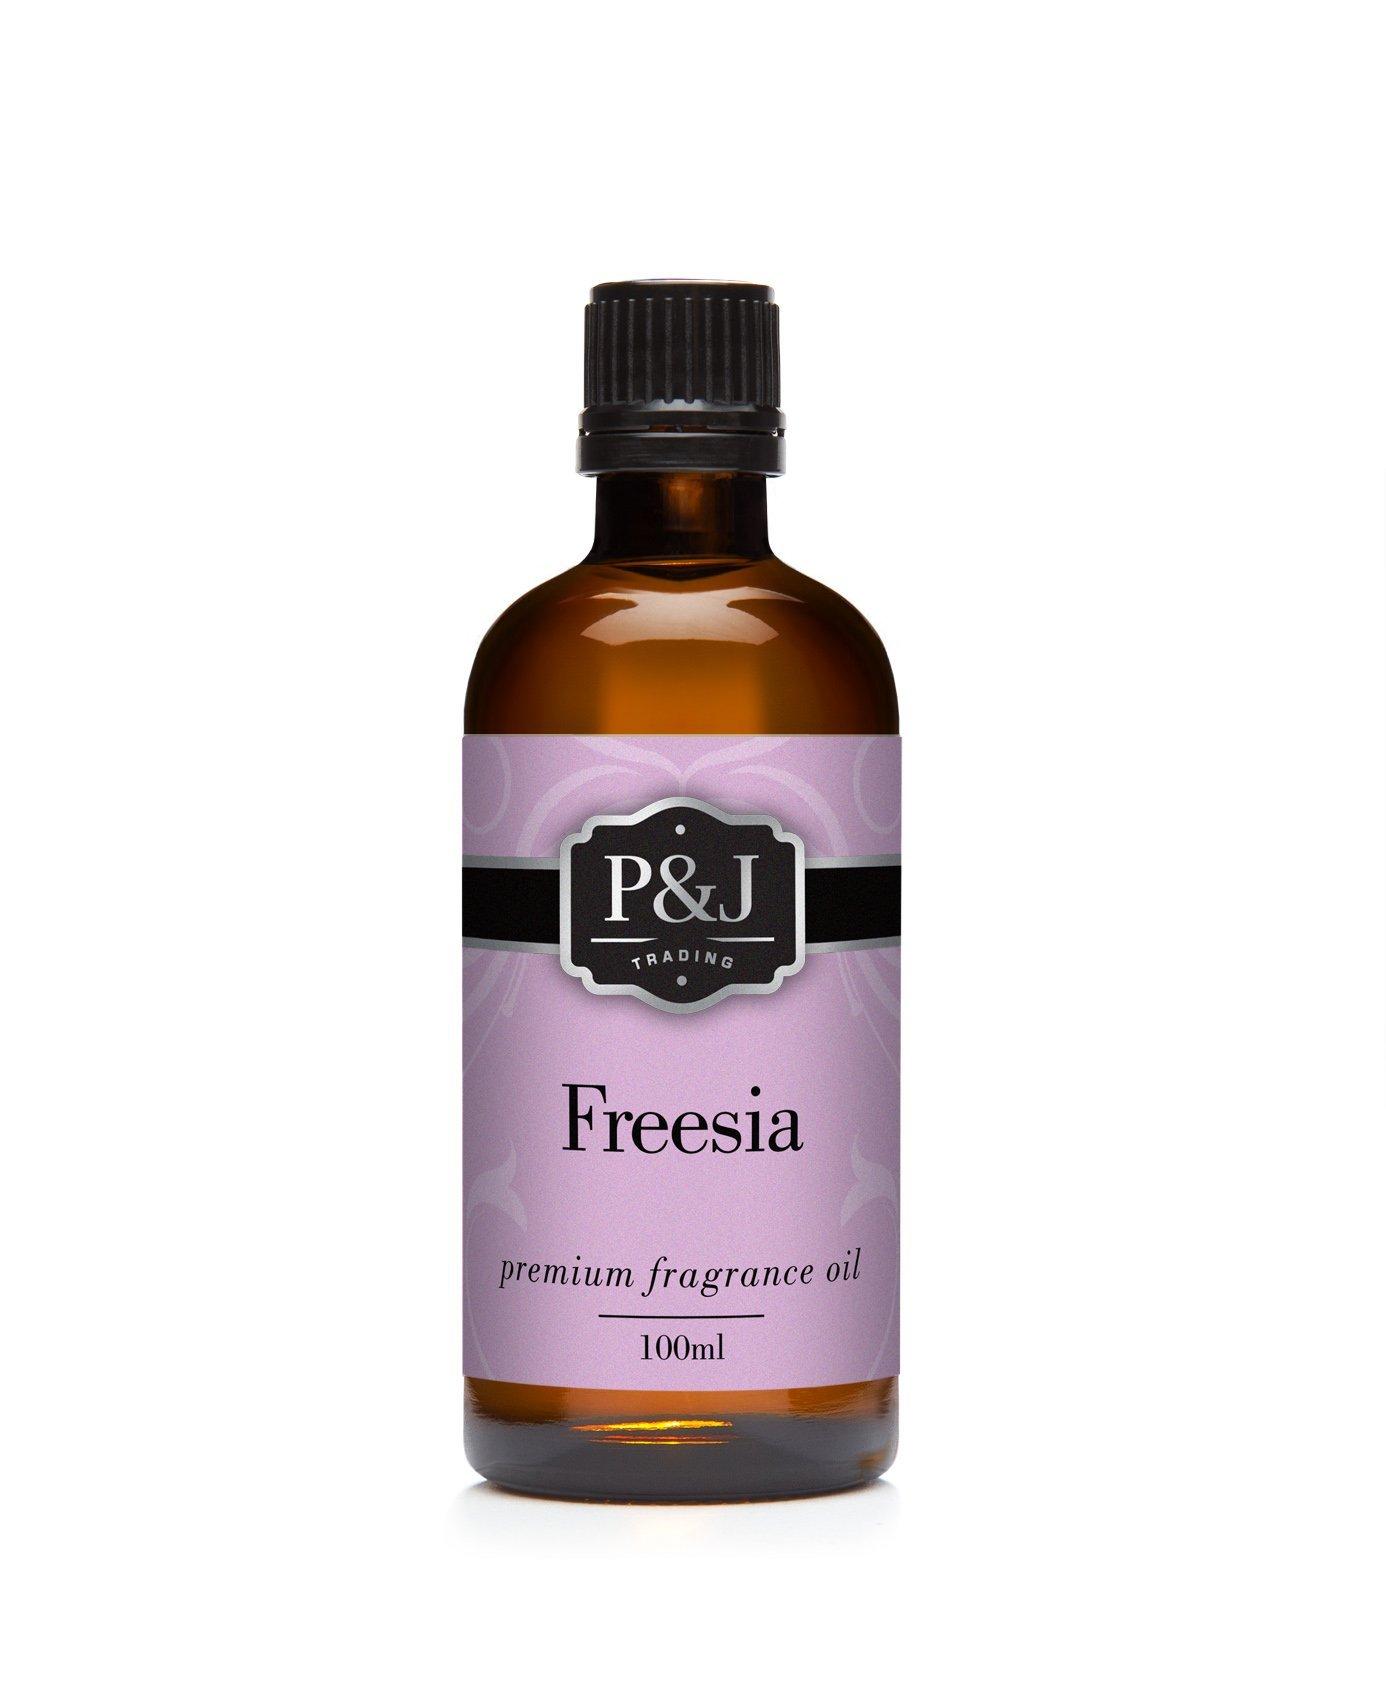 Freesia Fragrance Oil - Premium Grade Scented Oil - 100ml/3.3oz